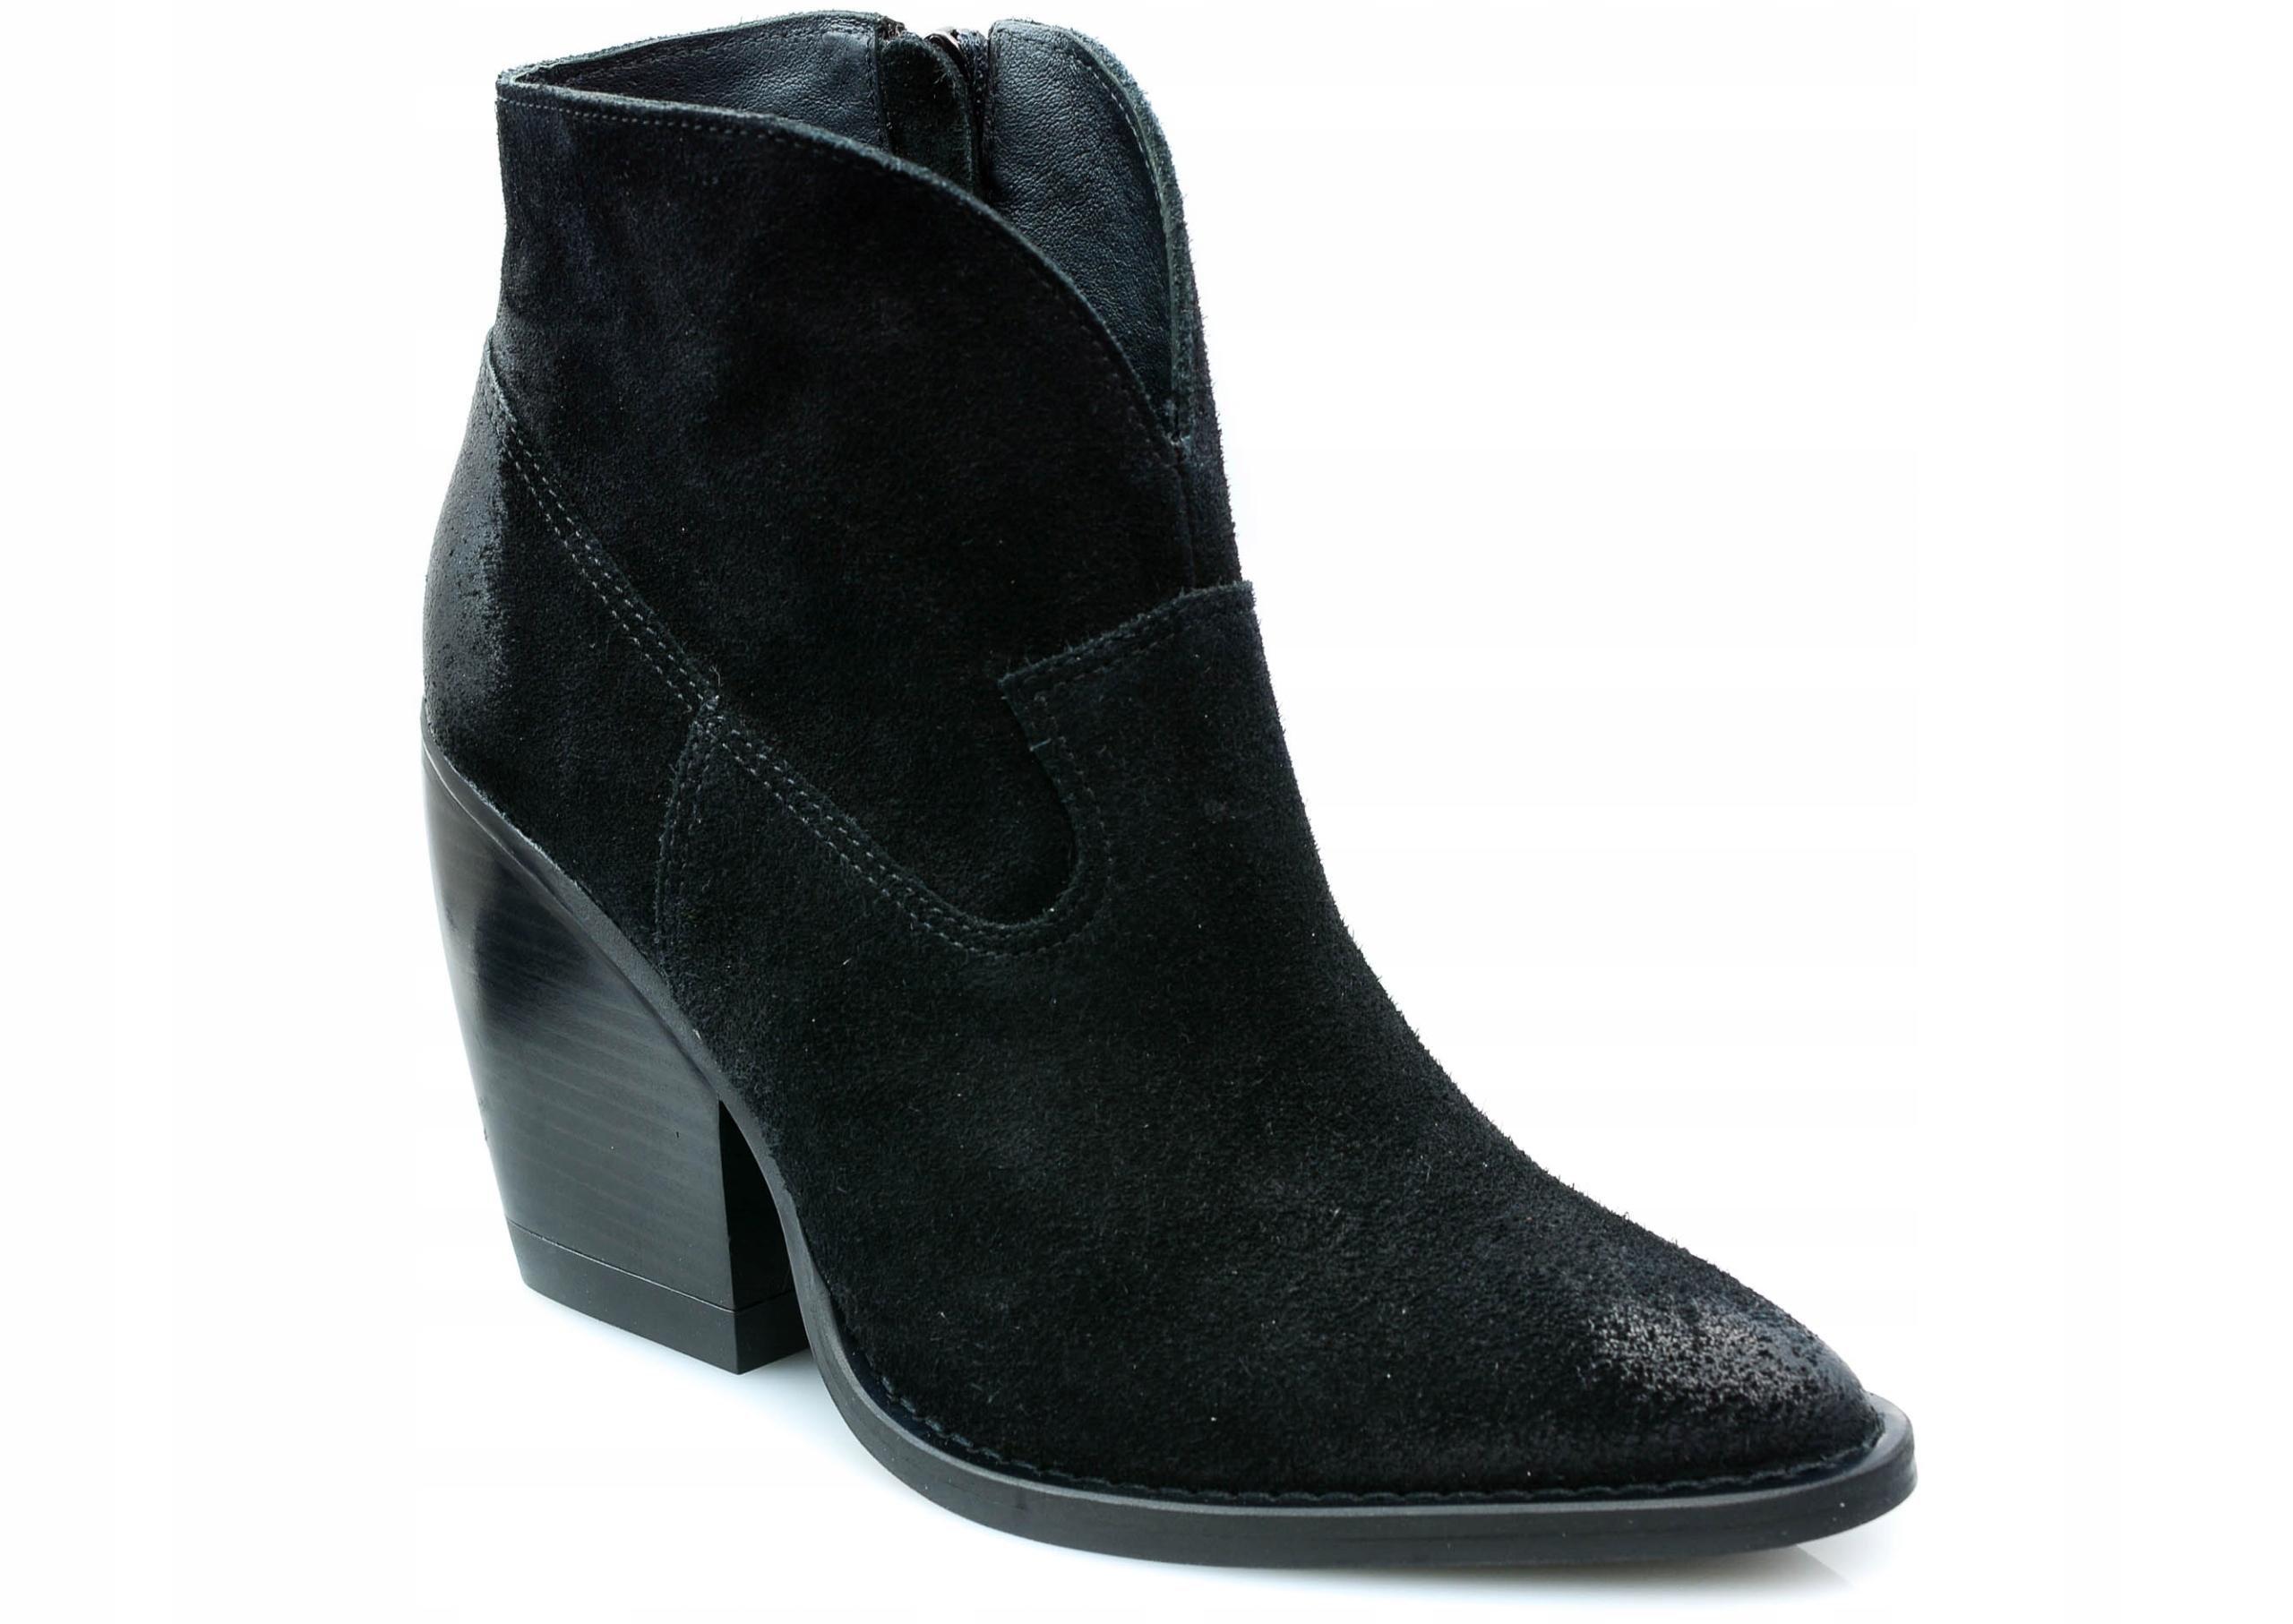 Botki Carinii B5265 czarny 36 skóra buty kowbojki